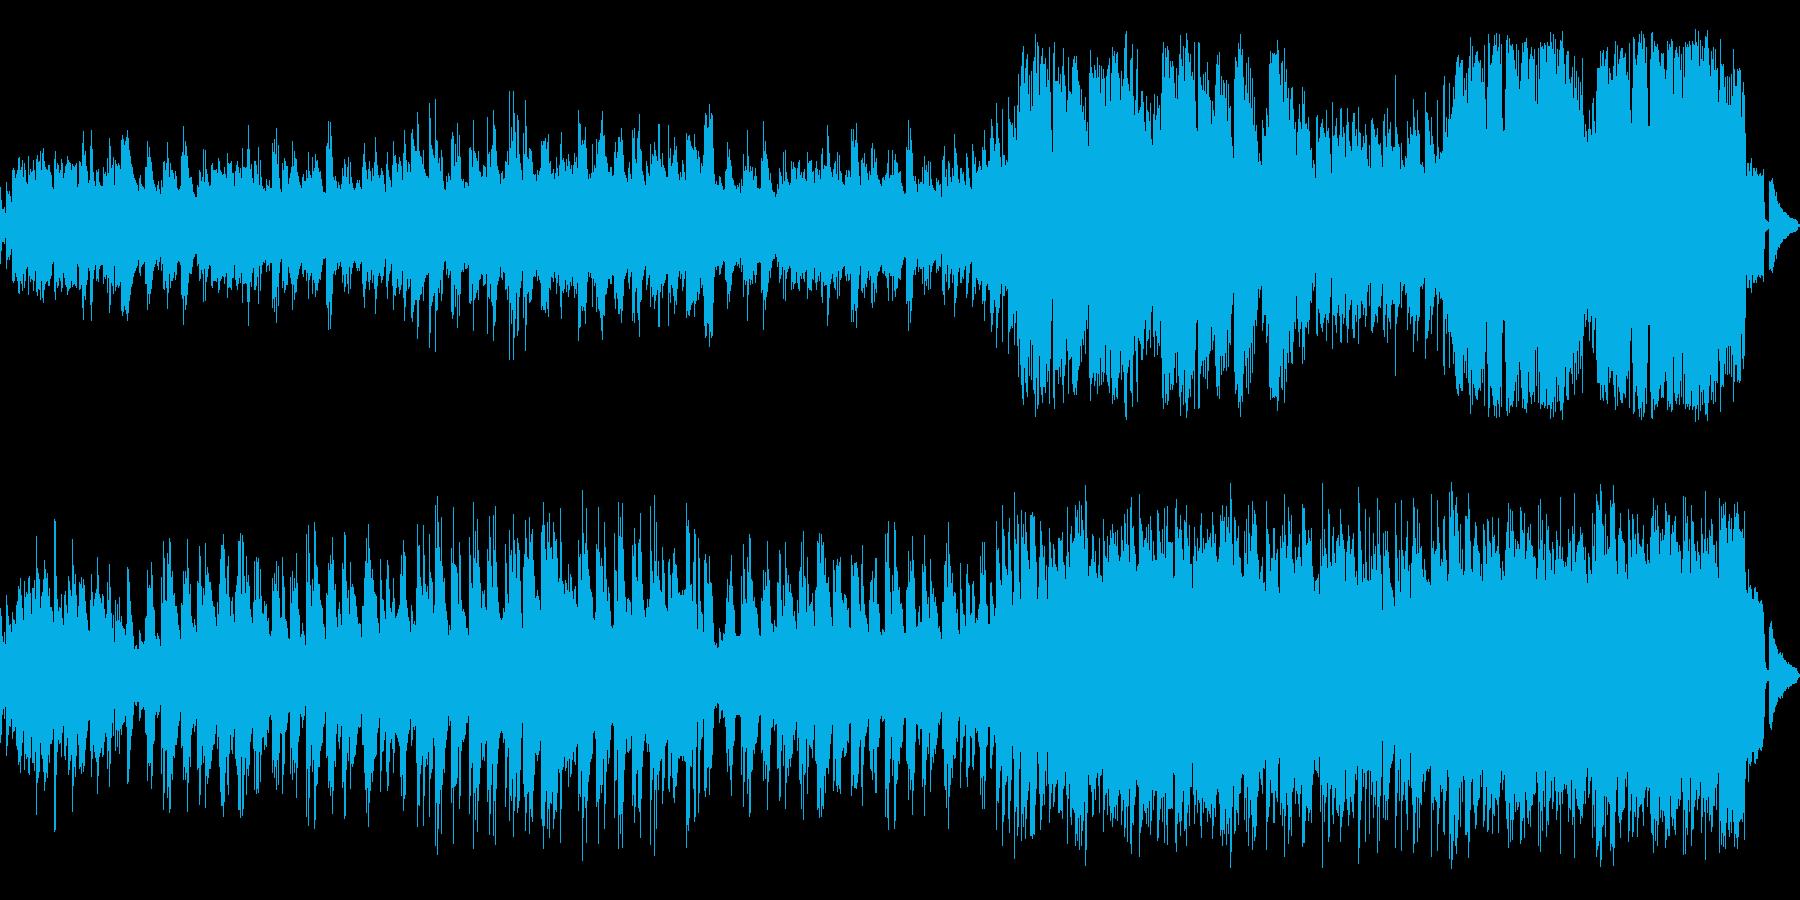 穏やかで優しいメロディアスなピアノワルツの再生済みの波形